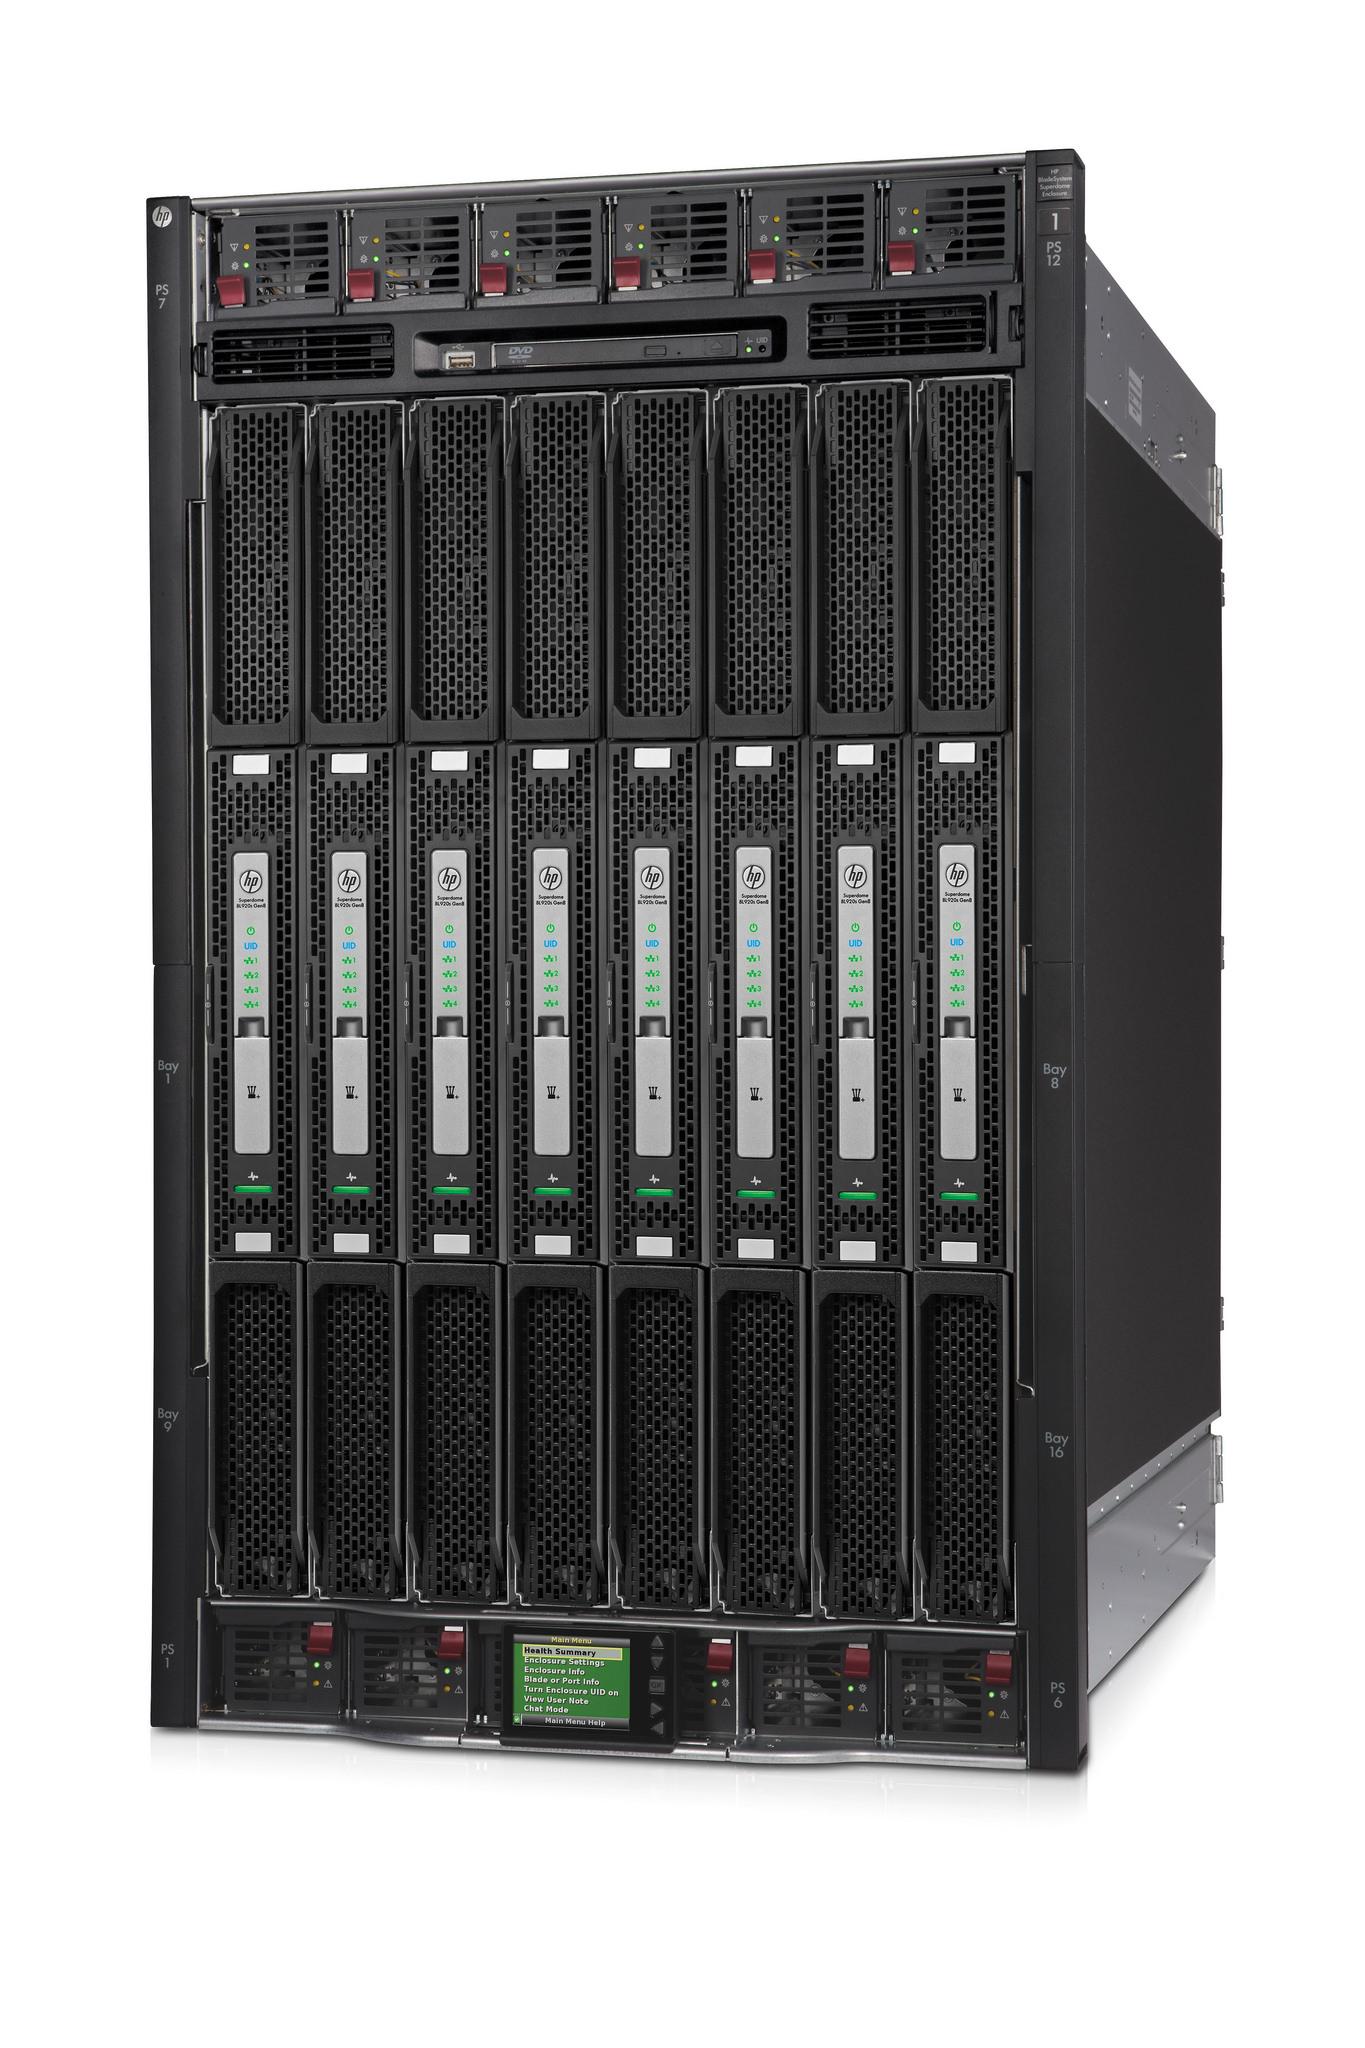 HP Integrity Superdome X bringt Hochleistungsrechner auf x86-Prozessoren. (Bild: HP)